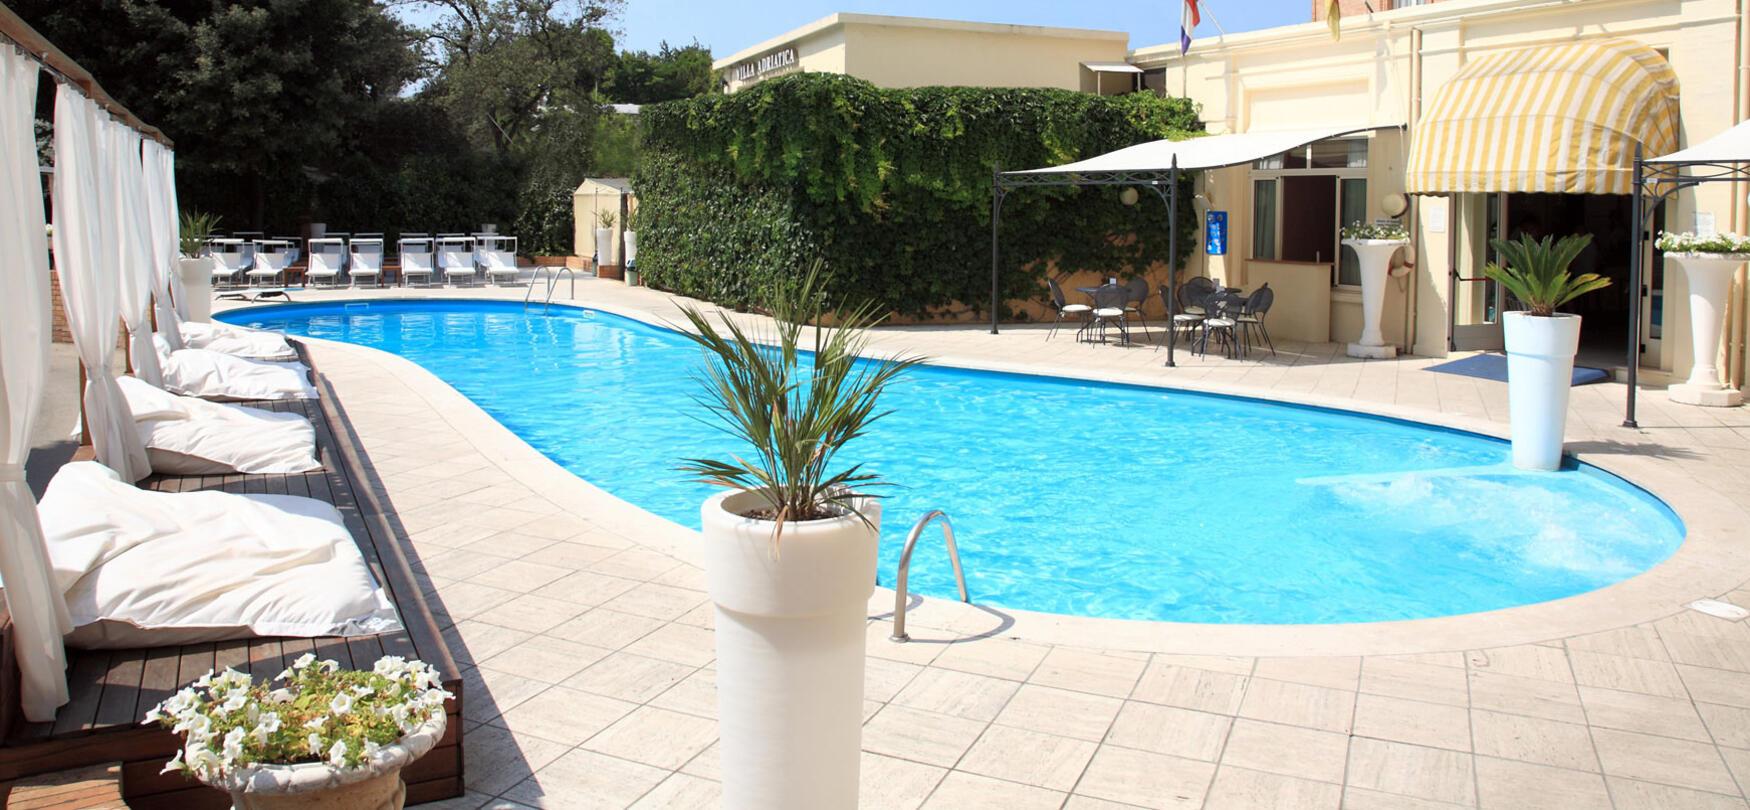 ambienthotels fr piscine-villa-adriatica 007